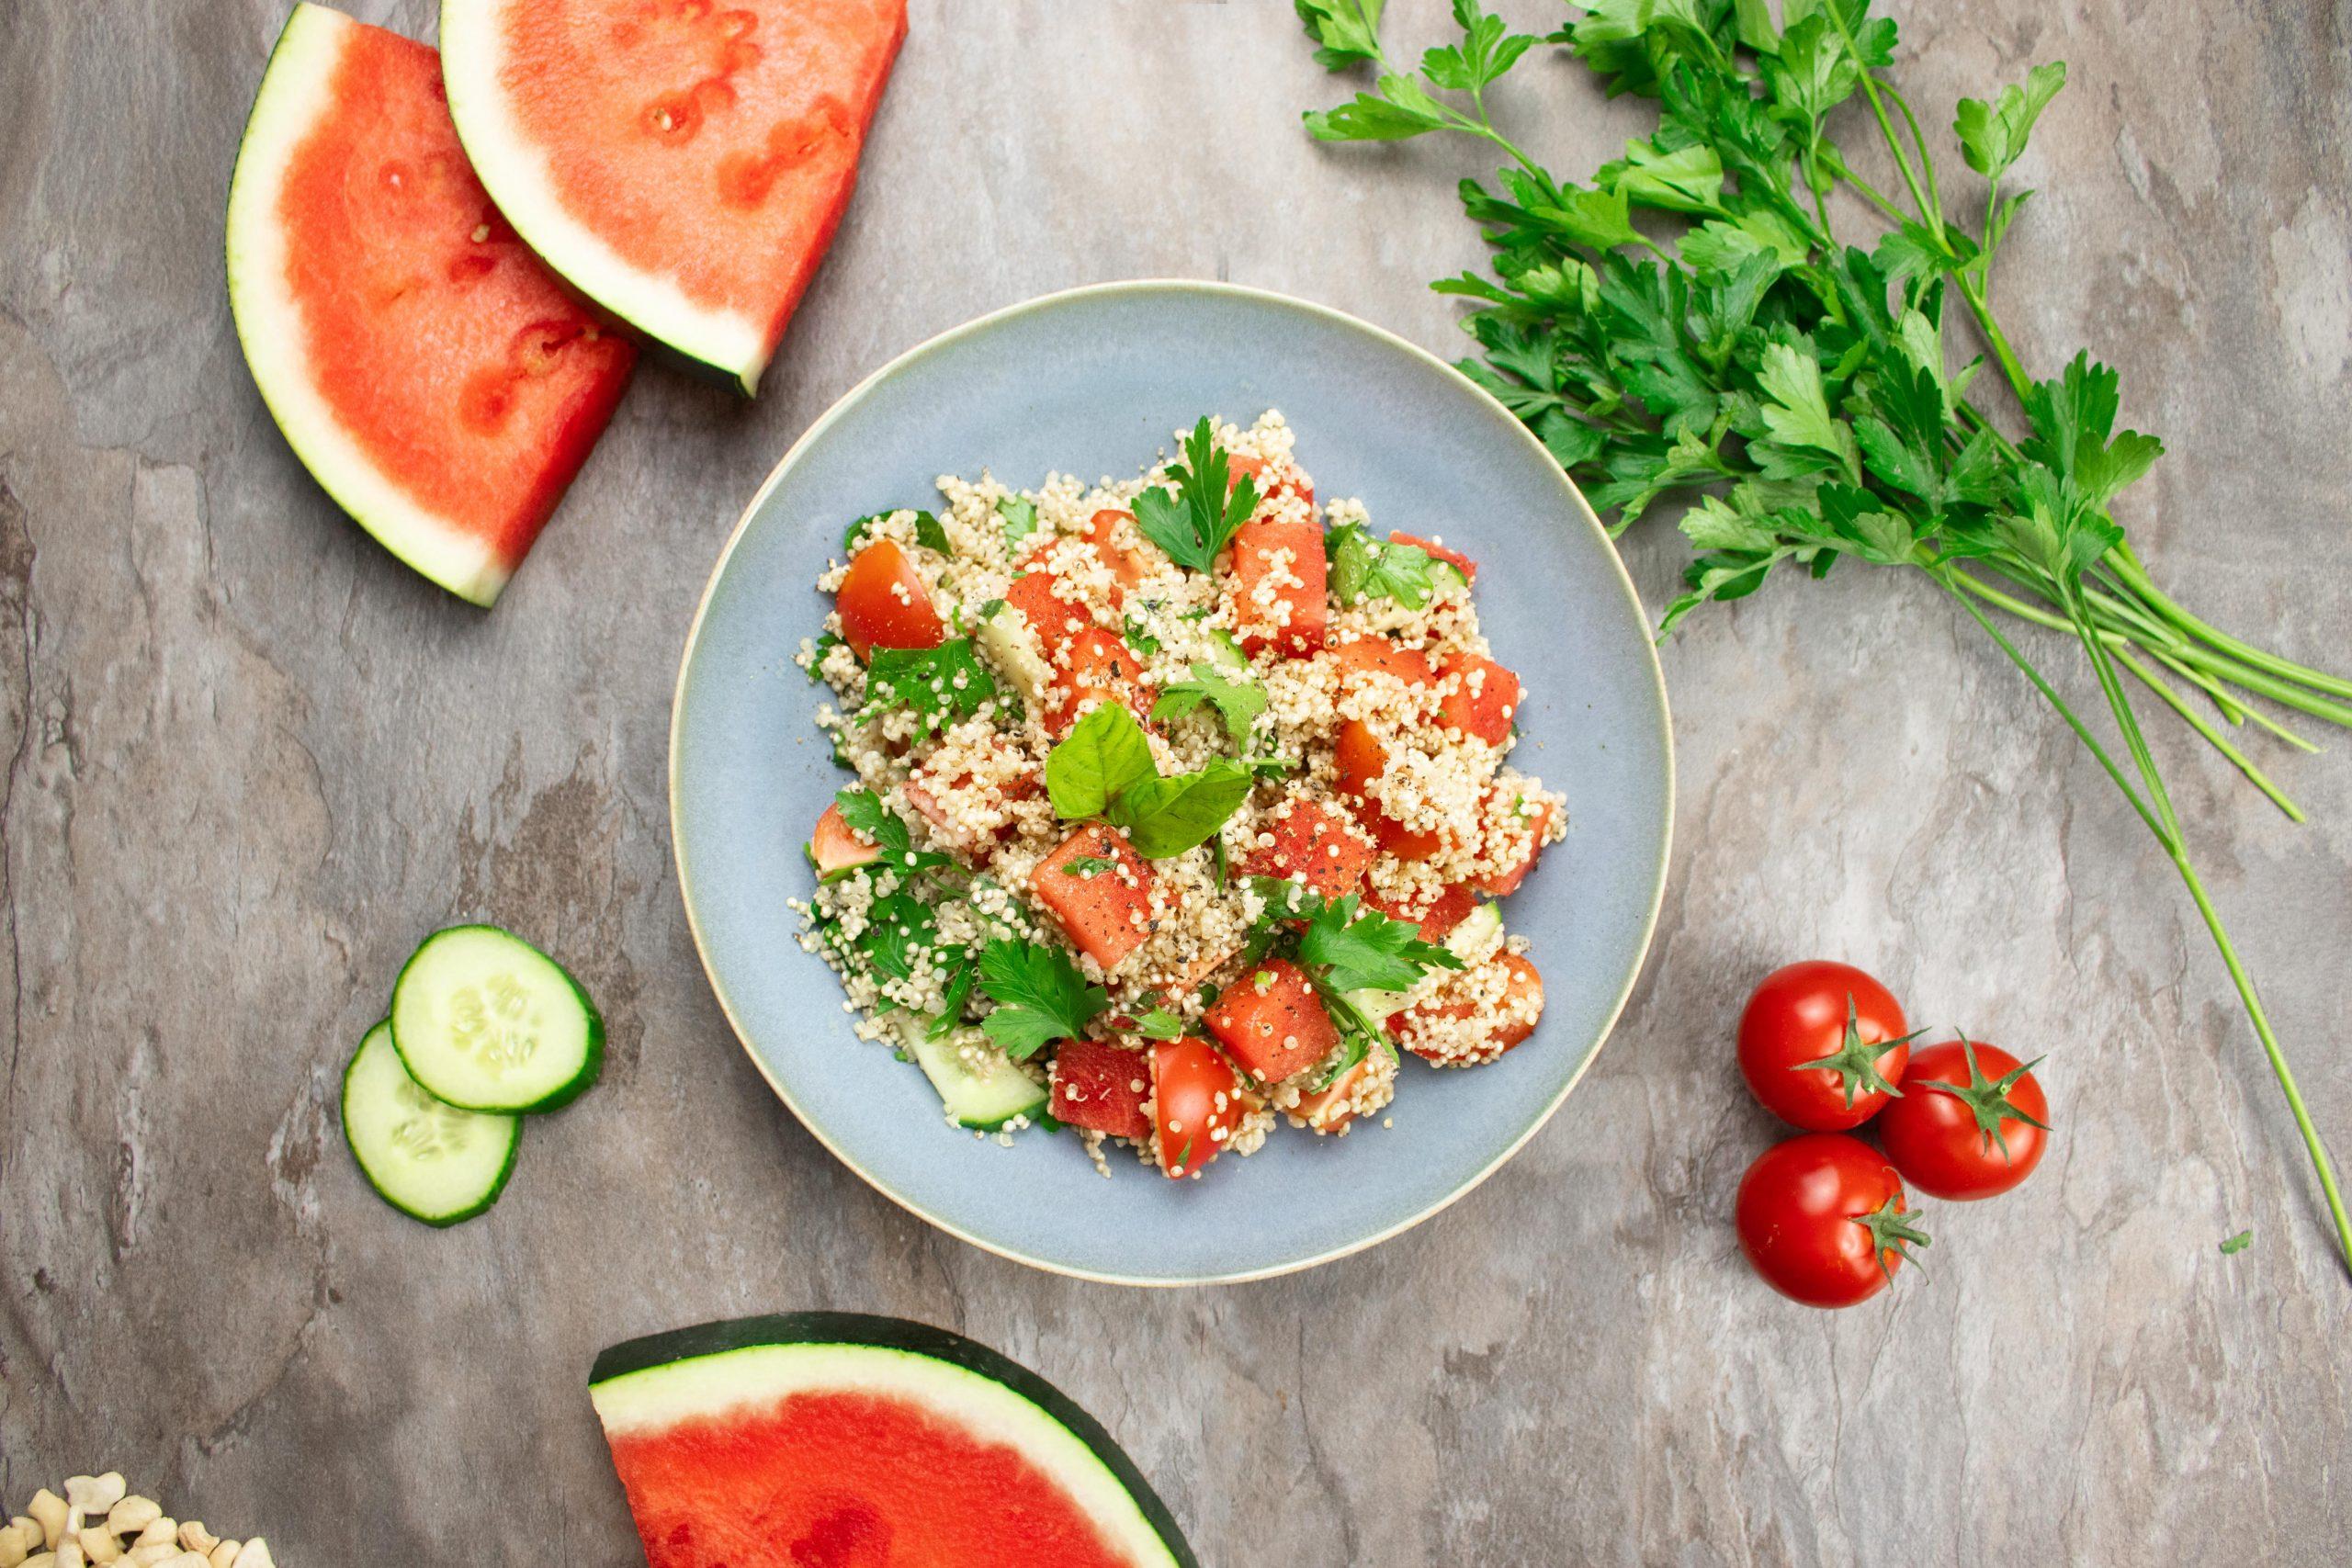 Quinoasalat mit Wassermelone